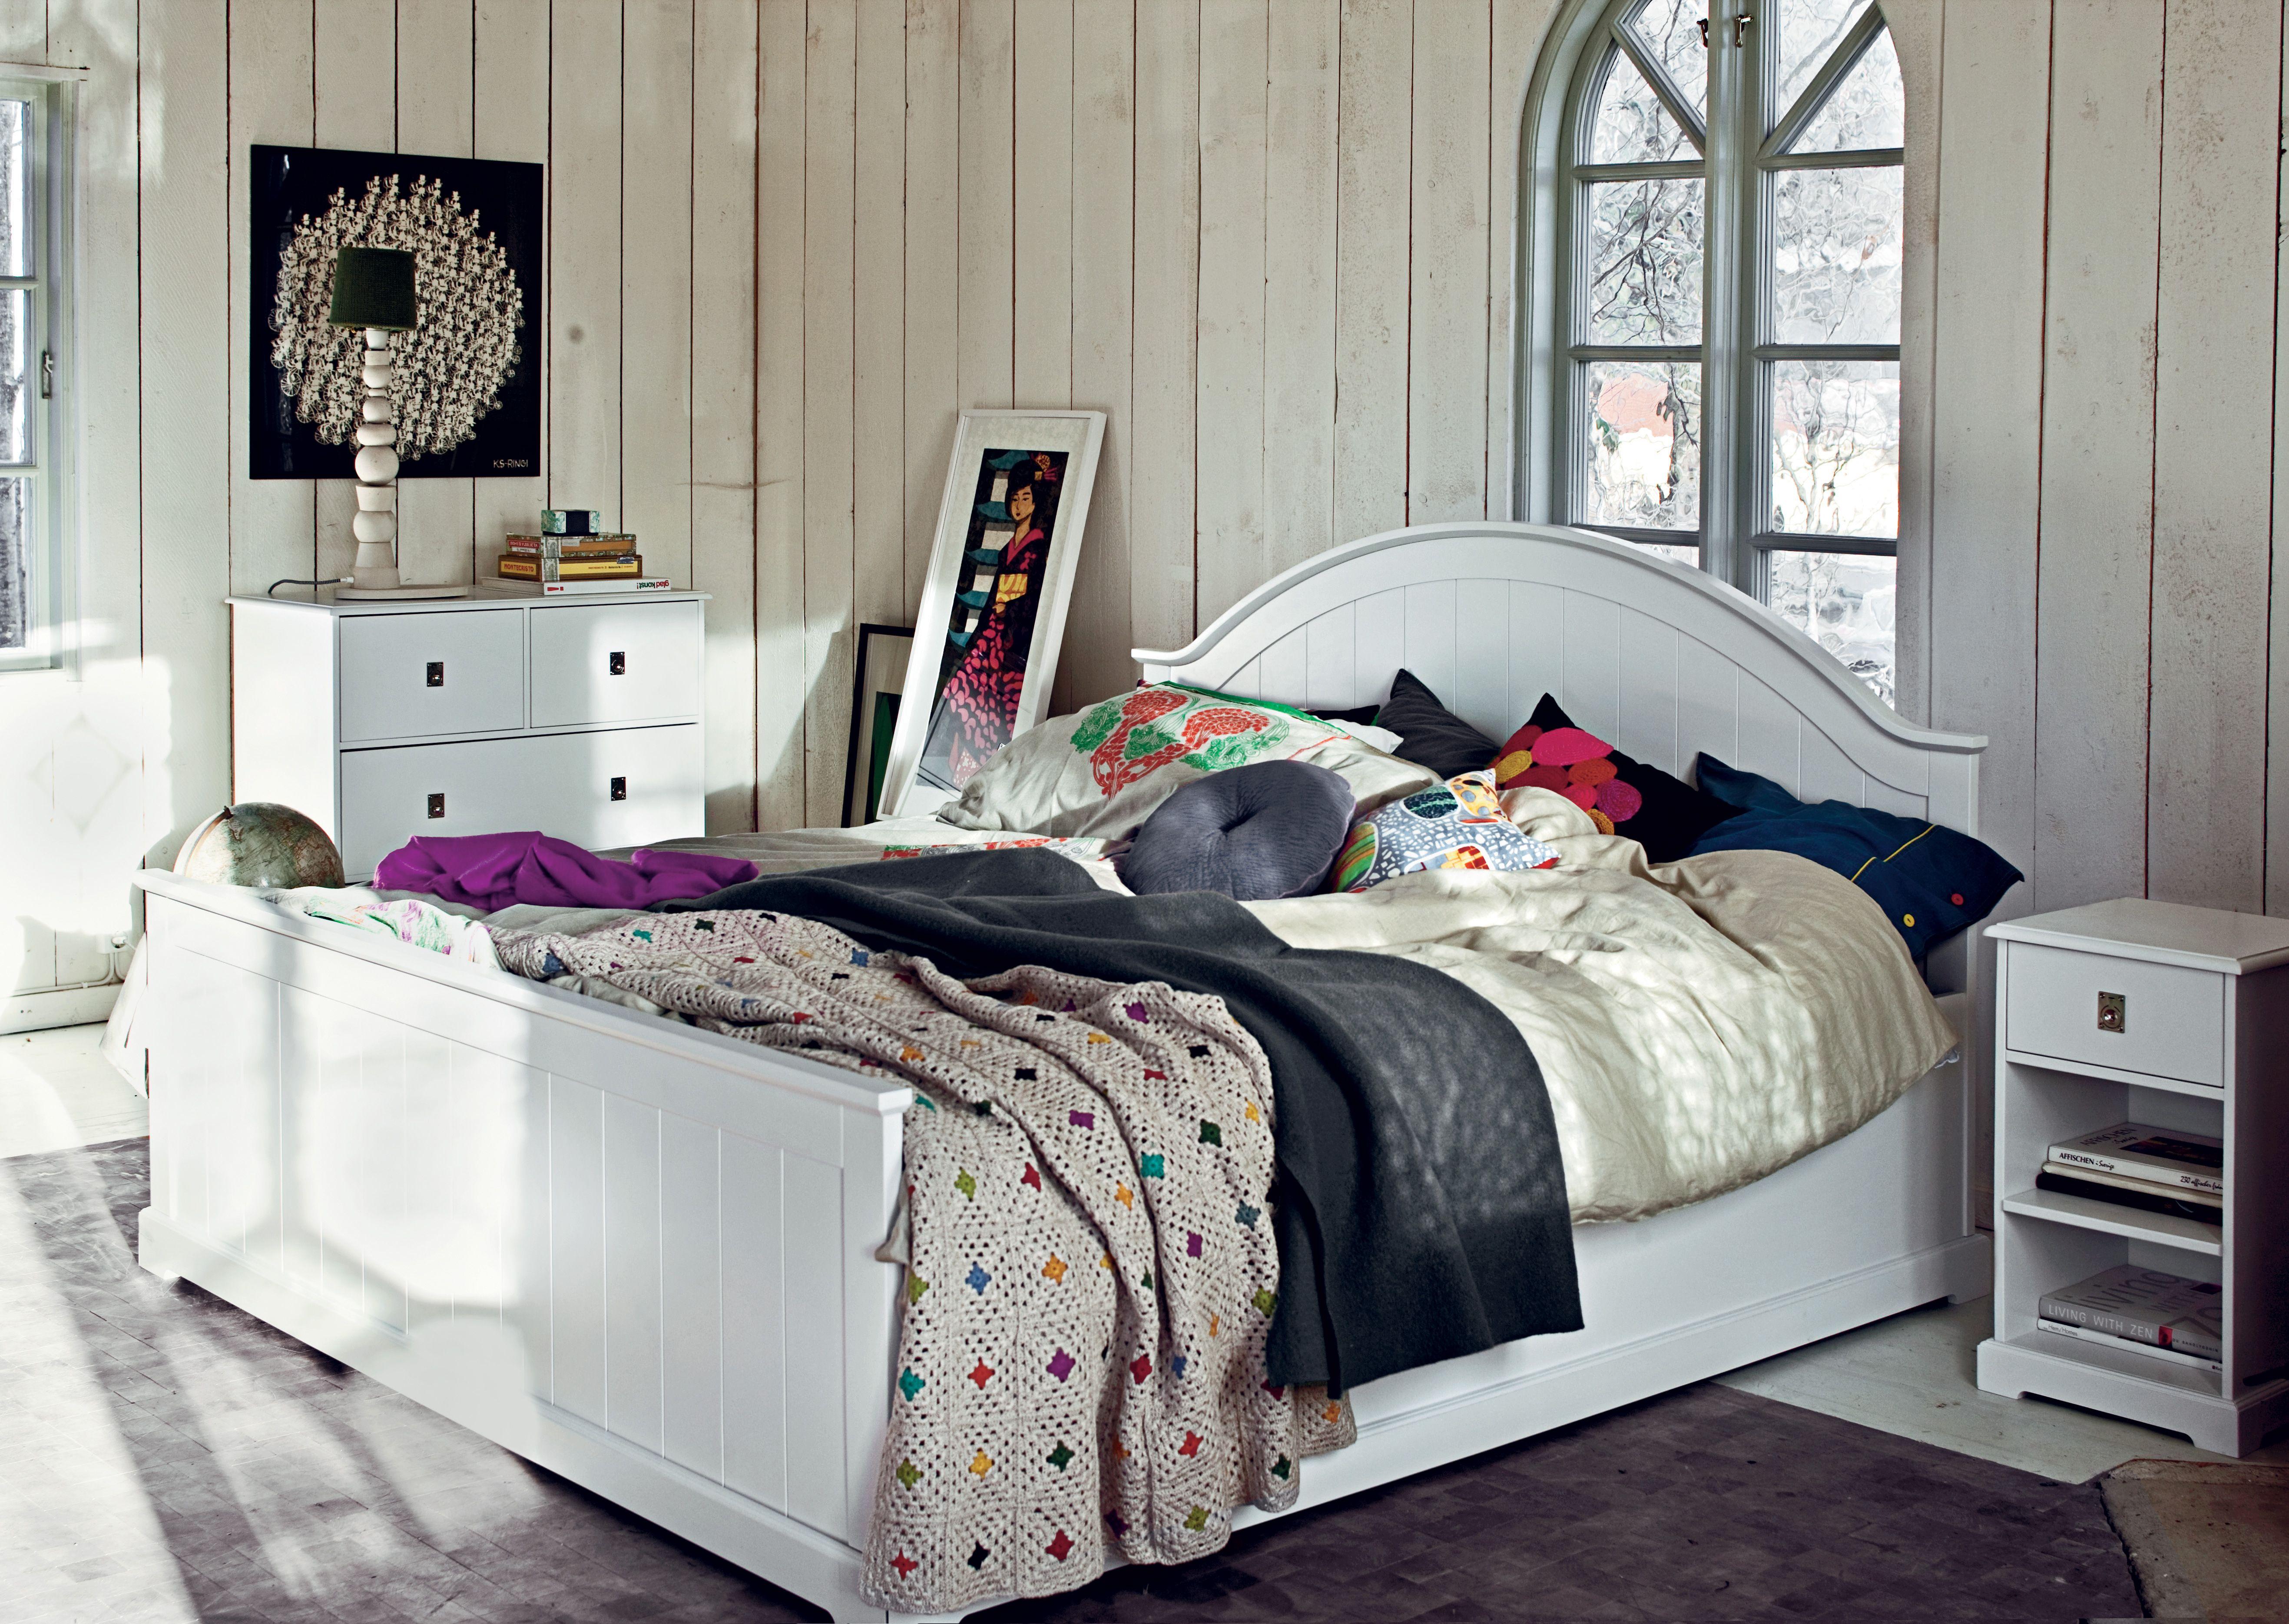 Blå blommigt snyggt till ljusgrått i sovrummet. madrass orion ...